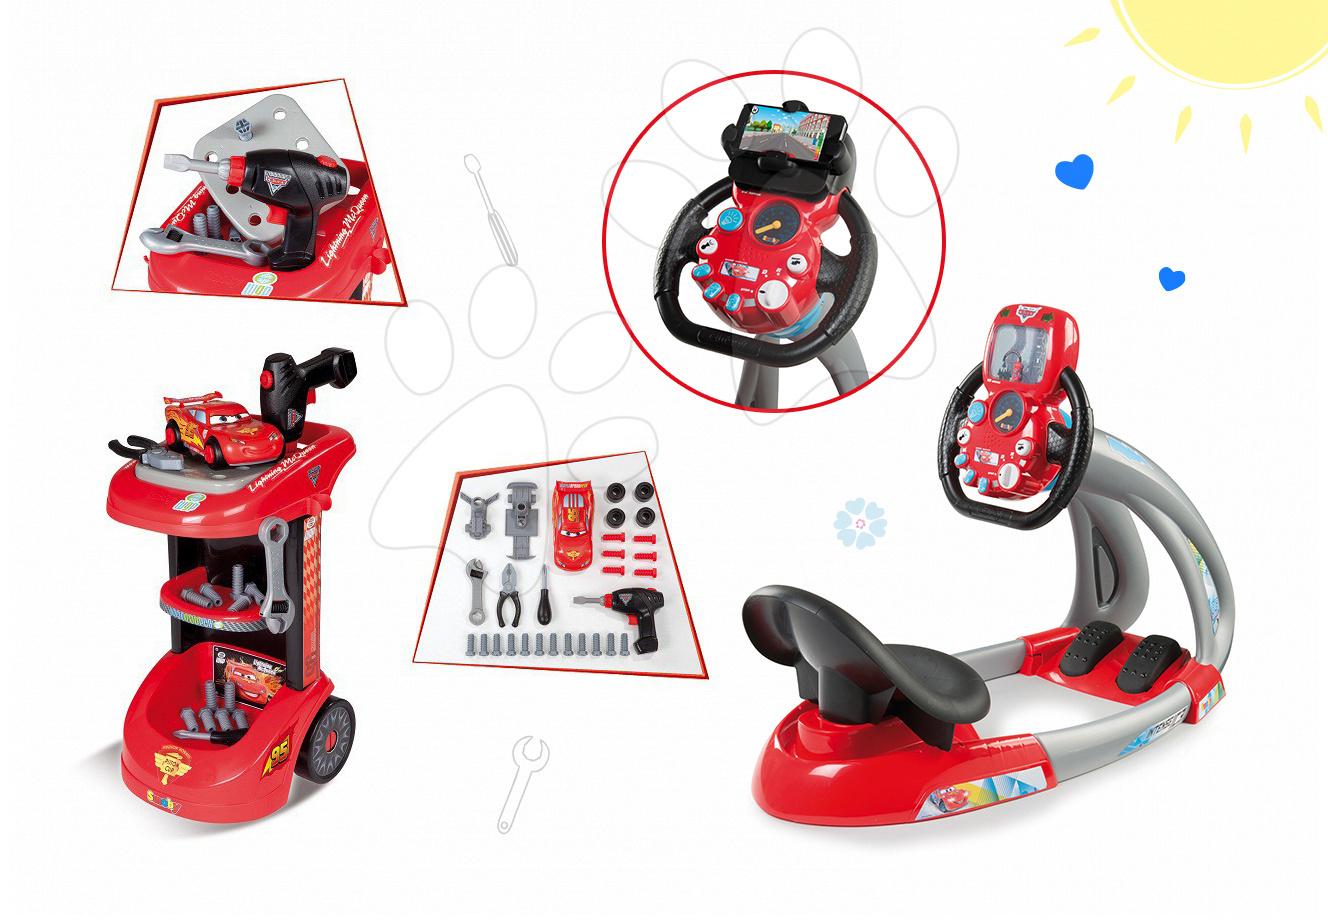 Set dětský pracovní vozík Auta Smoby s mechanickou vrtačkou a elektronický trenažér V8 Driver